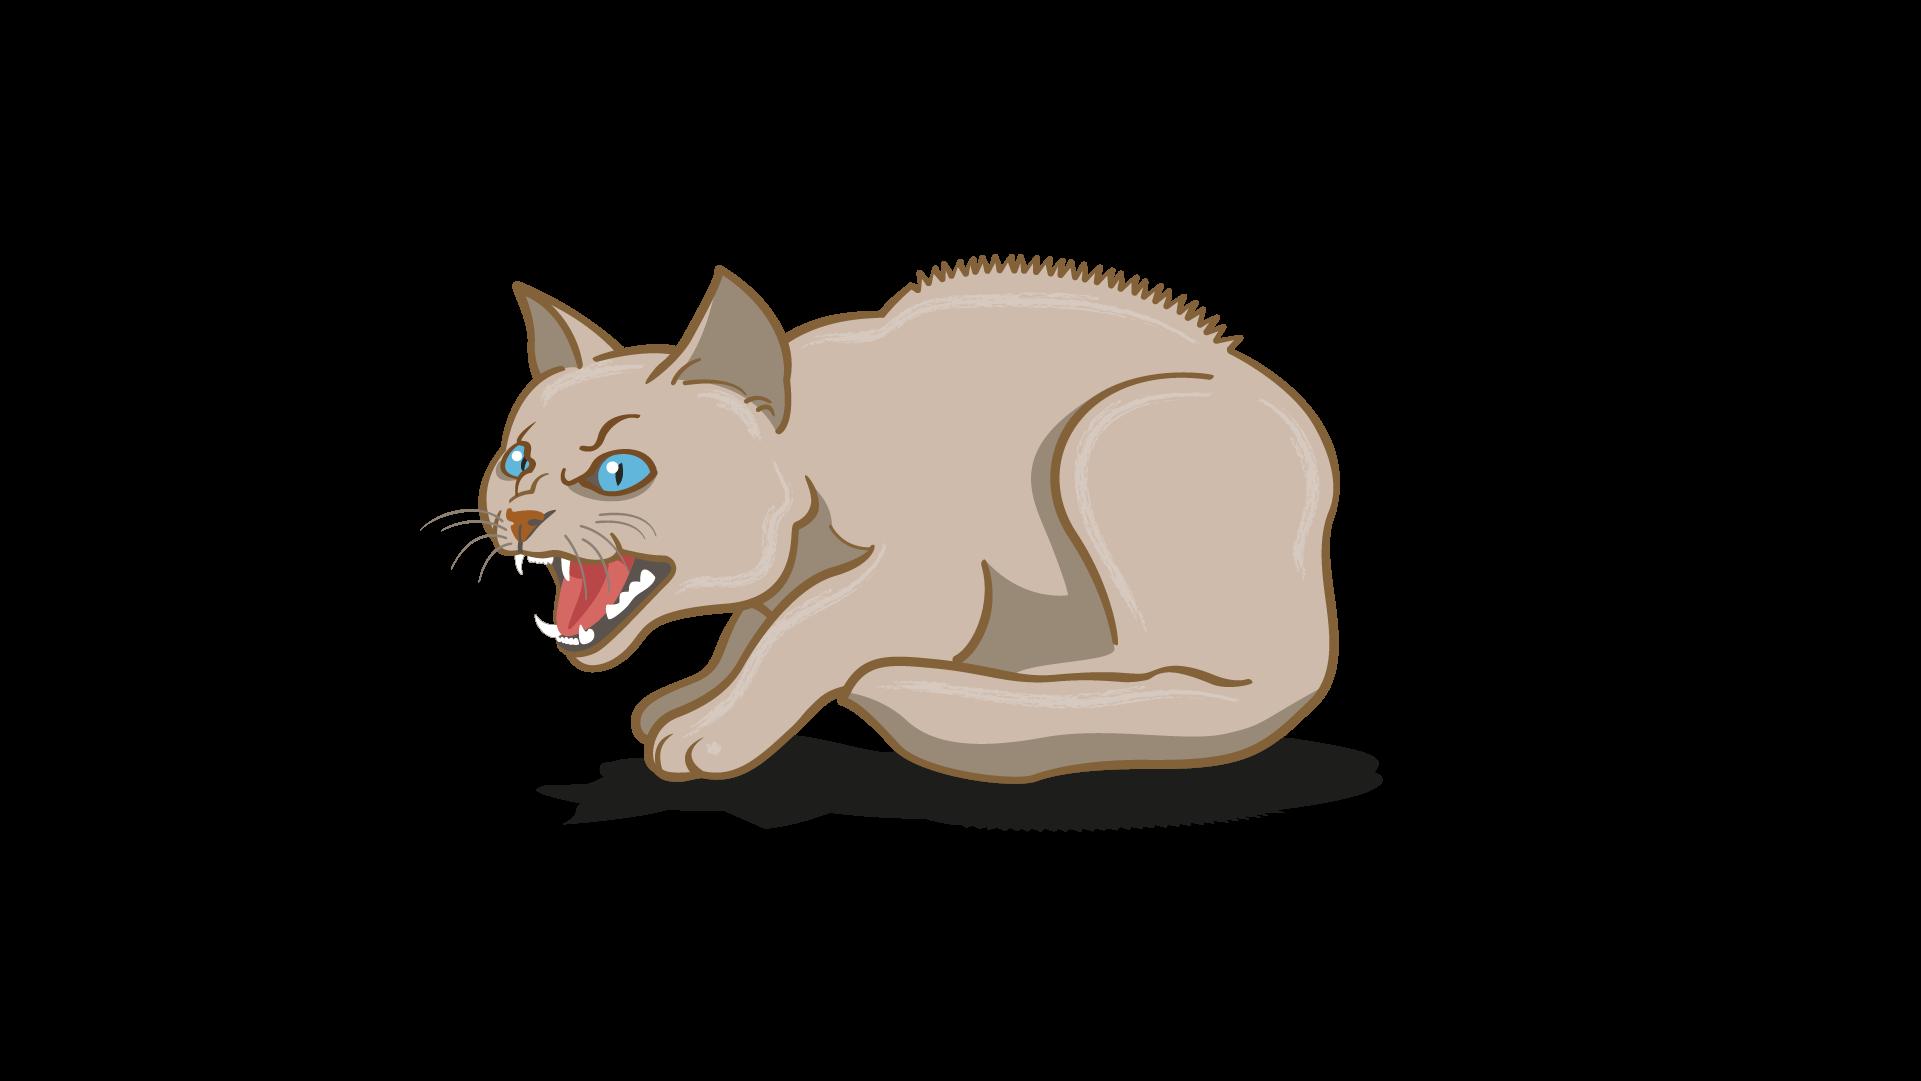 lenguaje corporal de gato enojado